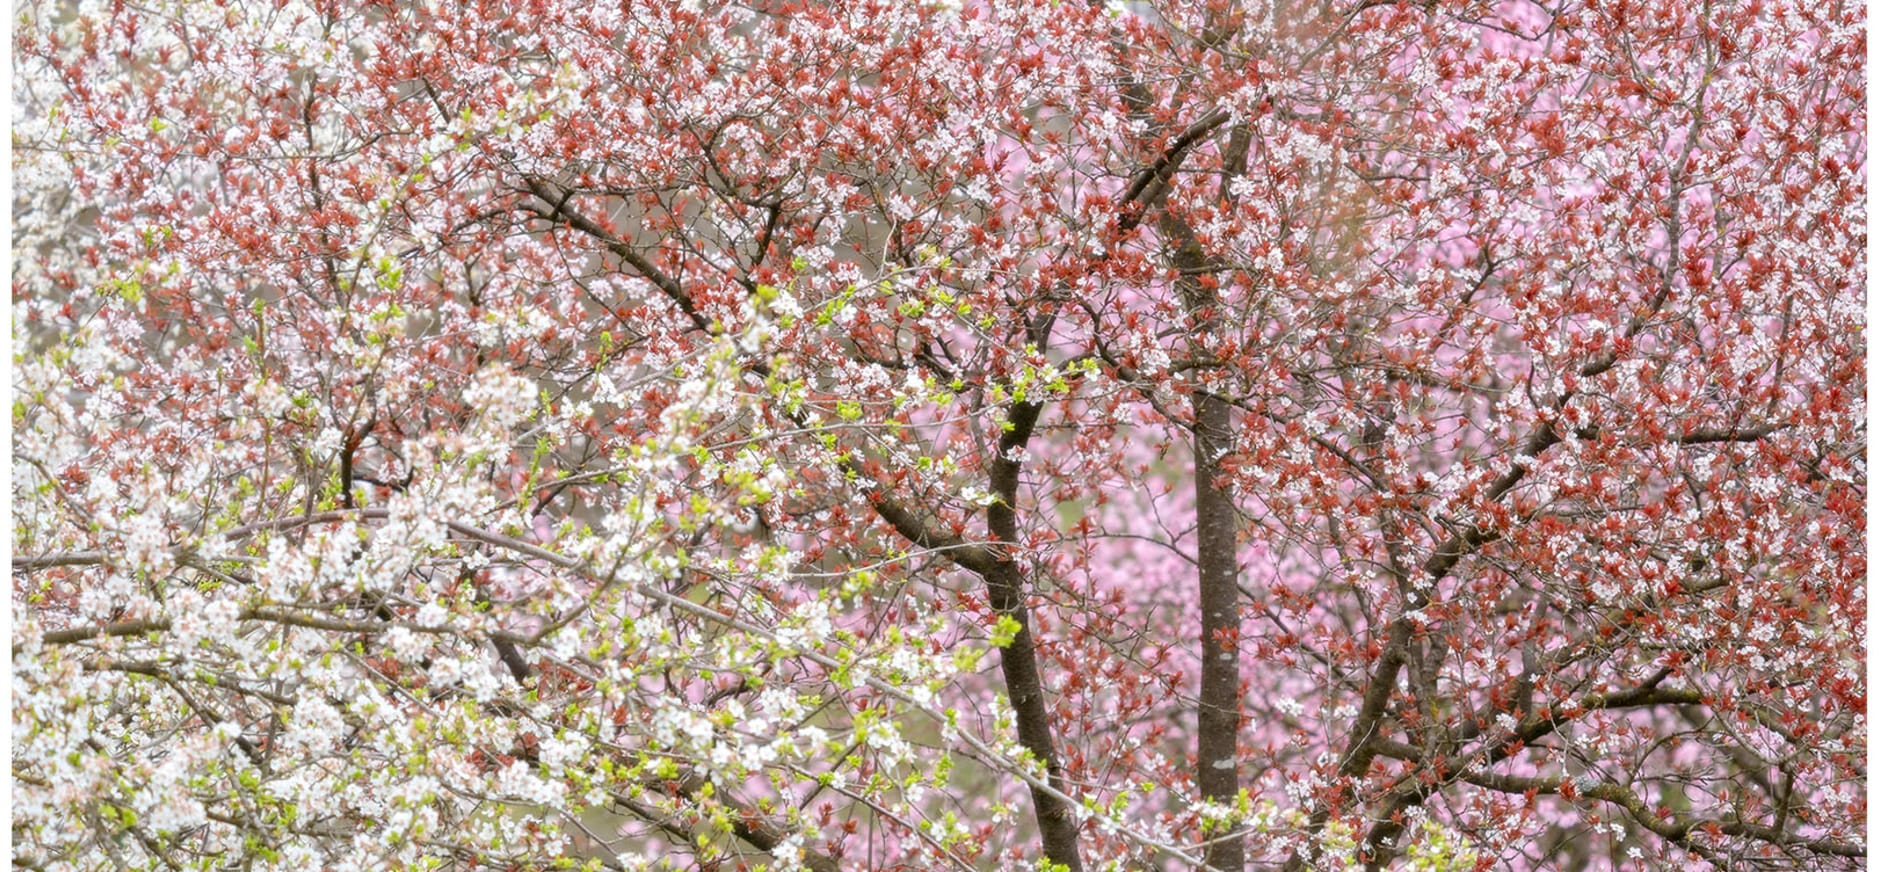 bloesem arboretum poort bulten